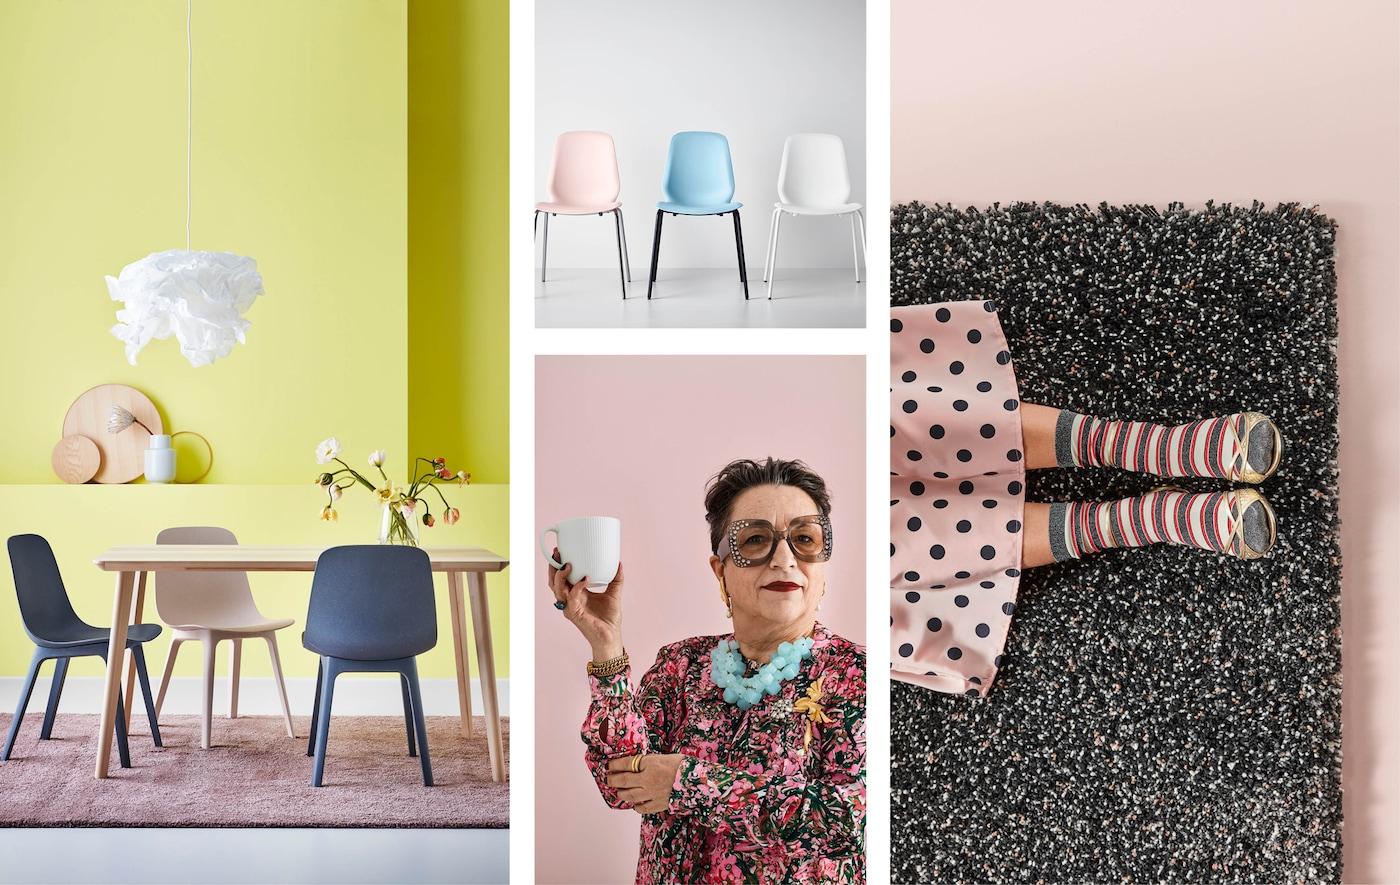 Collage eines Esszimmers mit Stühlen und einer Frau, die eine Tasse und einen Teppich hält. Alle Farben sind in Pastell- und hellen Tönen gehalten.